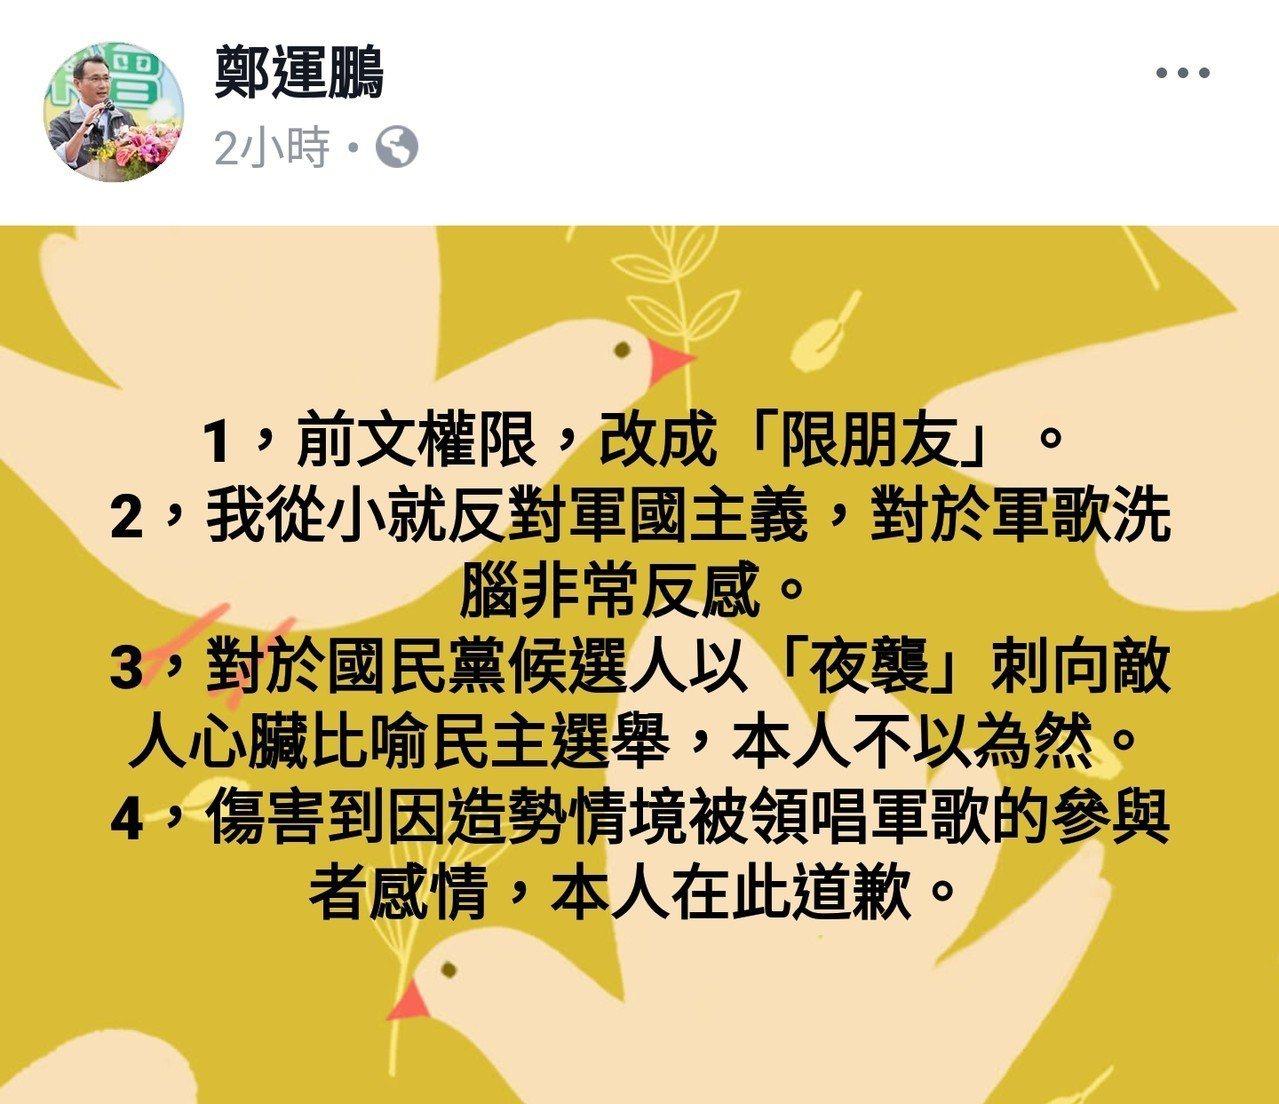 鄭運鵬今早為吃大便貼文道歉。圖/翻攝鄭運鵬臉書